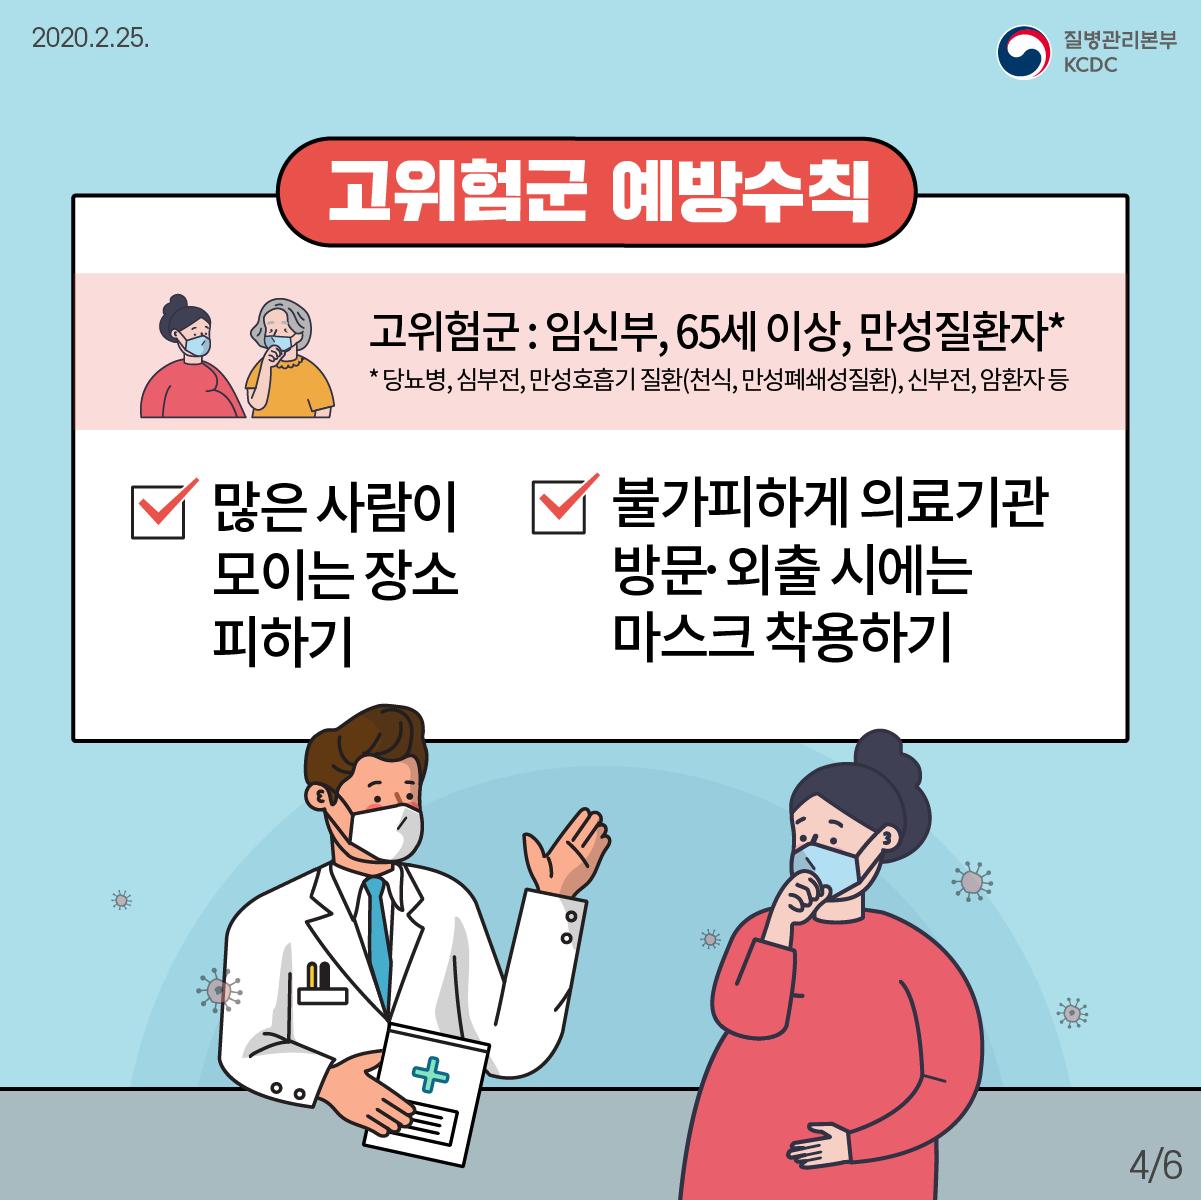 고위험군 예방수칙 고위험군 : 임신부, 65세 이상, 만성질환자* * 당뇨병, 심부전, 만성호흡기 질환(천식, 만성폐쇄성질환), 신부전, 암환자 등 1. 많은 사람이 모이는 장소에 가지 마십시오. 2. 불가피하게 의료기관 방문이나 외출시에는 마스크를 착용하십시오.